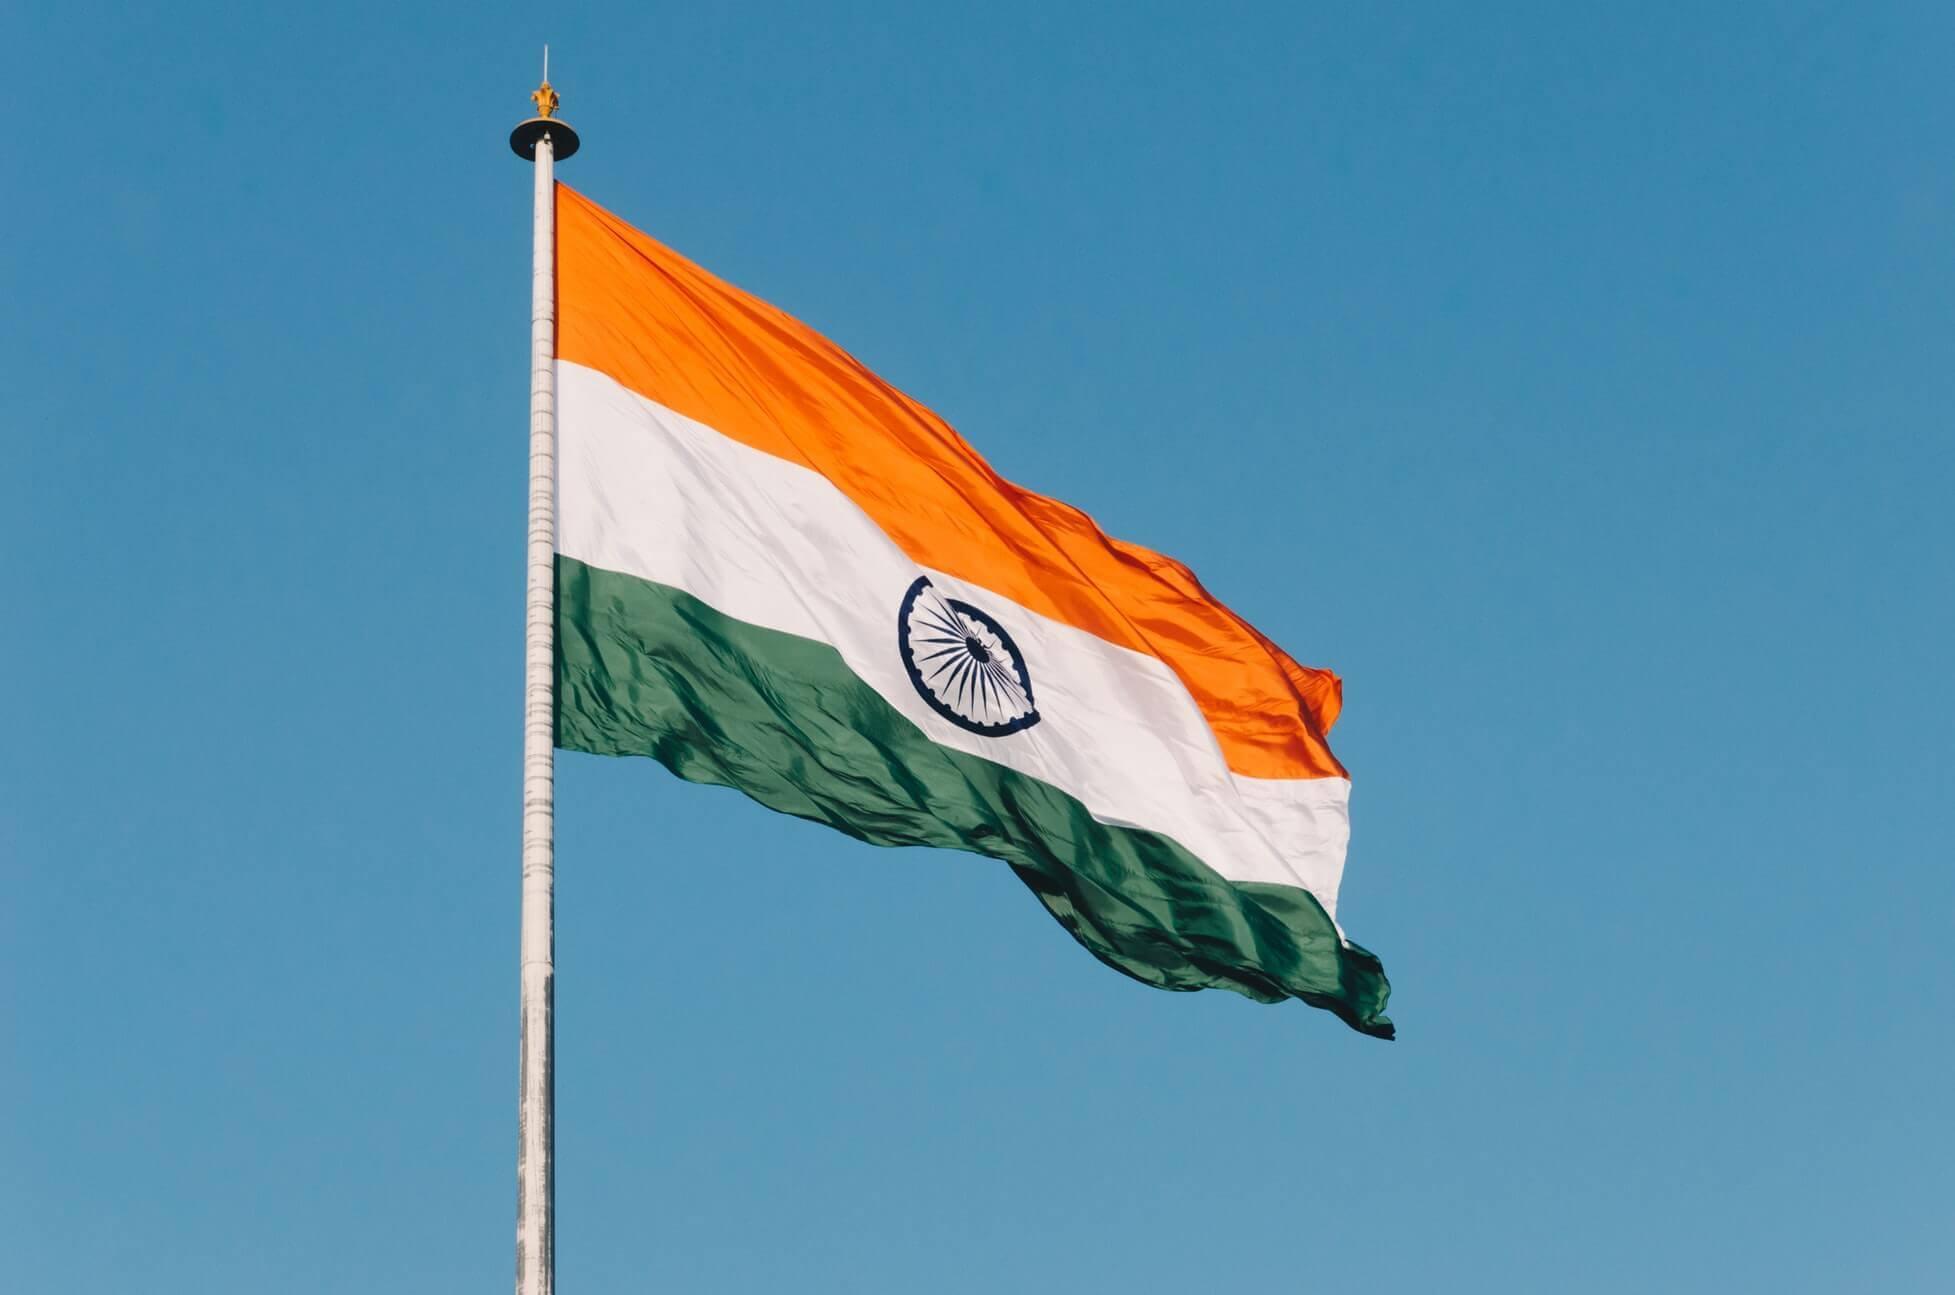 Поясним за новости: виза в Индию стала дешевле